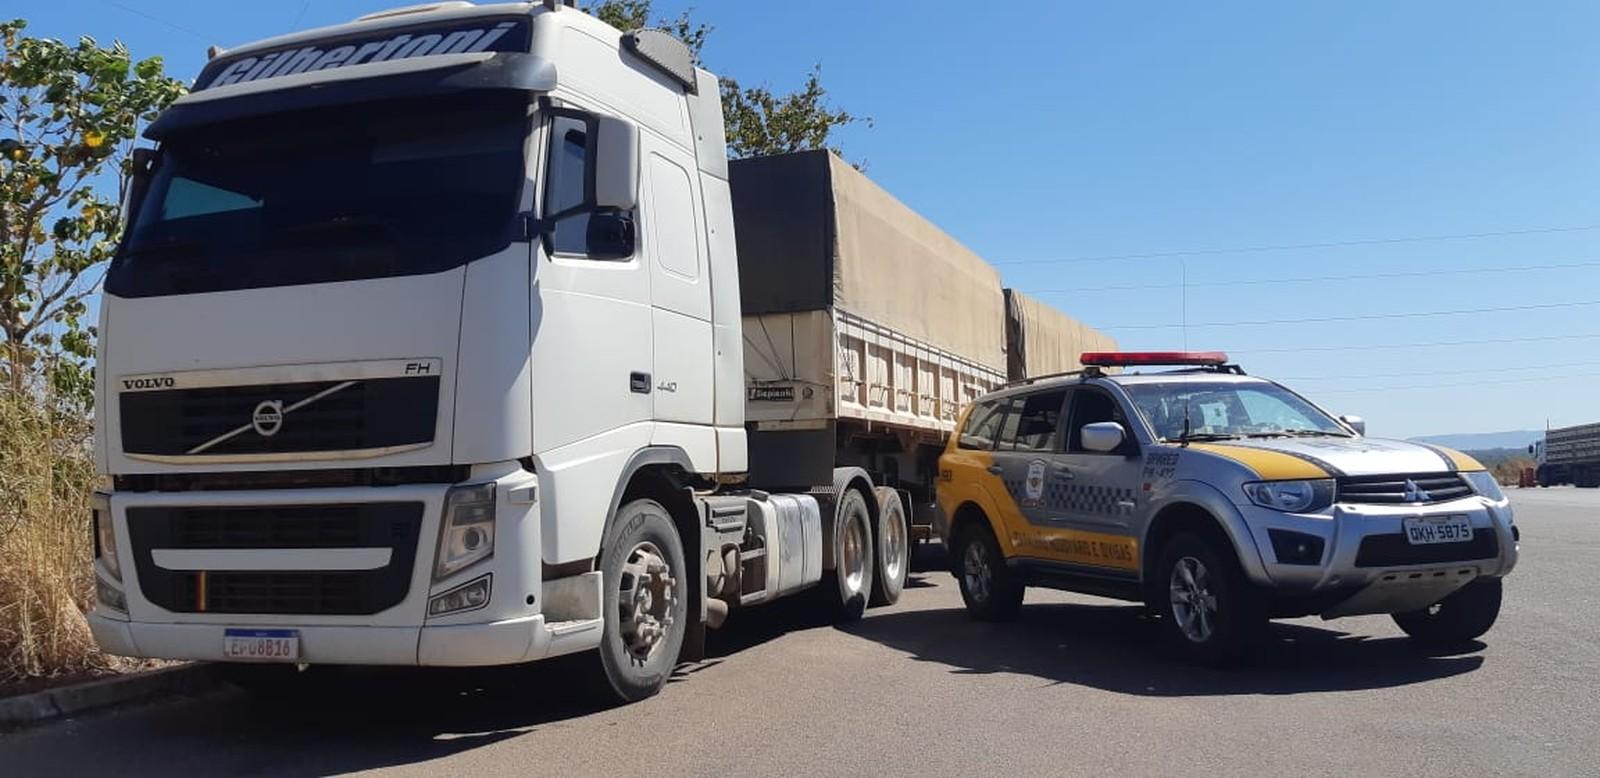 Polícia Militar recupera caminhão avaliado em mais de R$ 400 mil após verificar adulteração